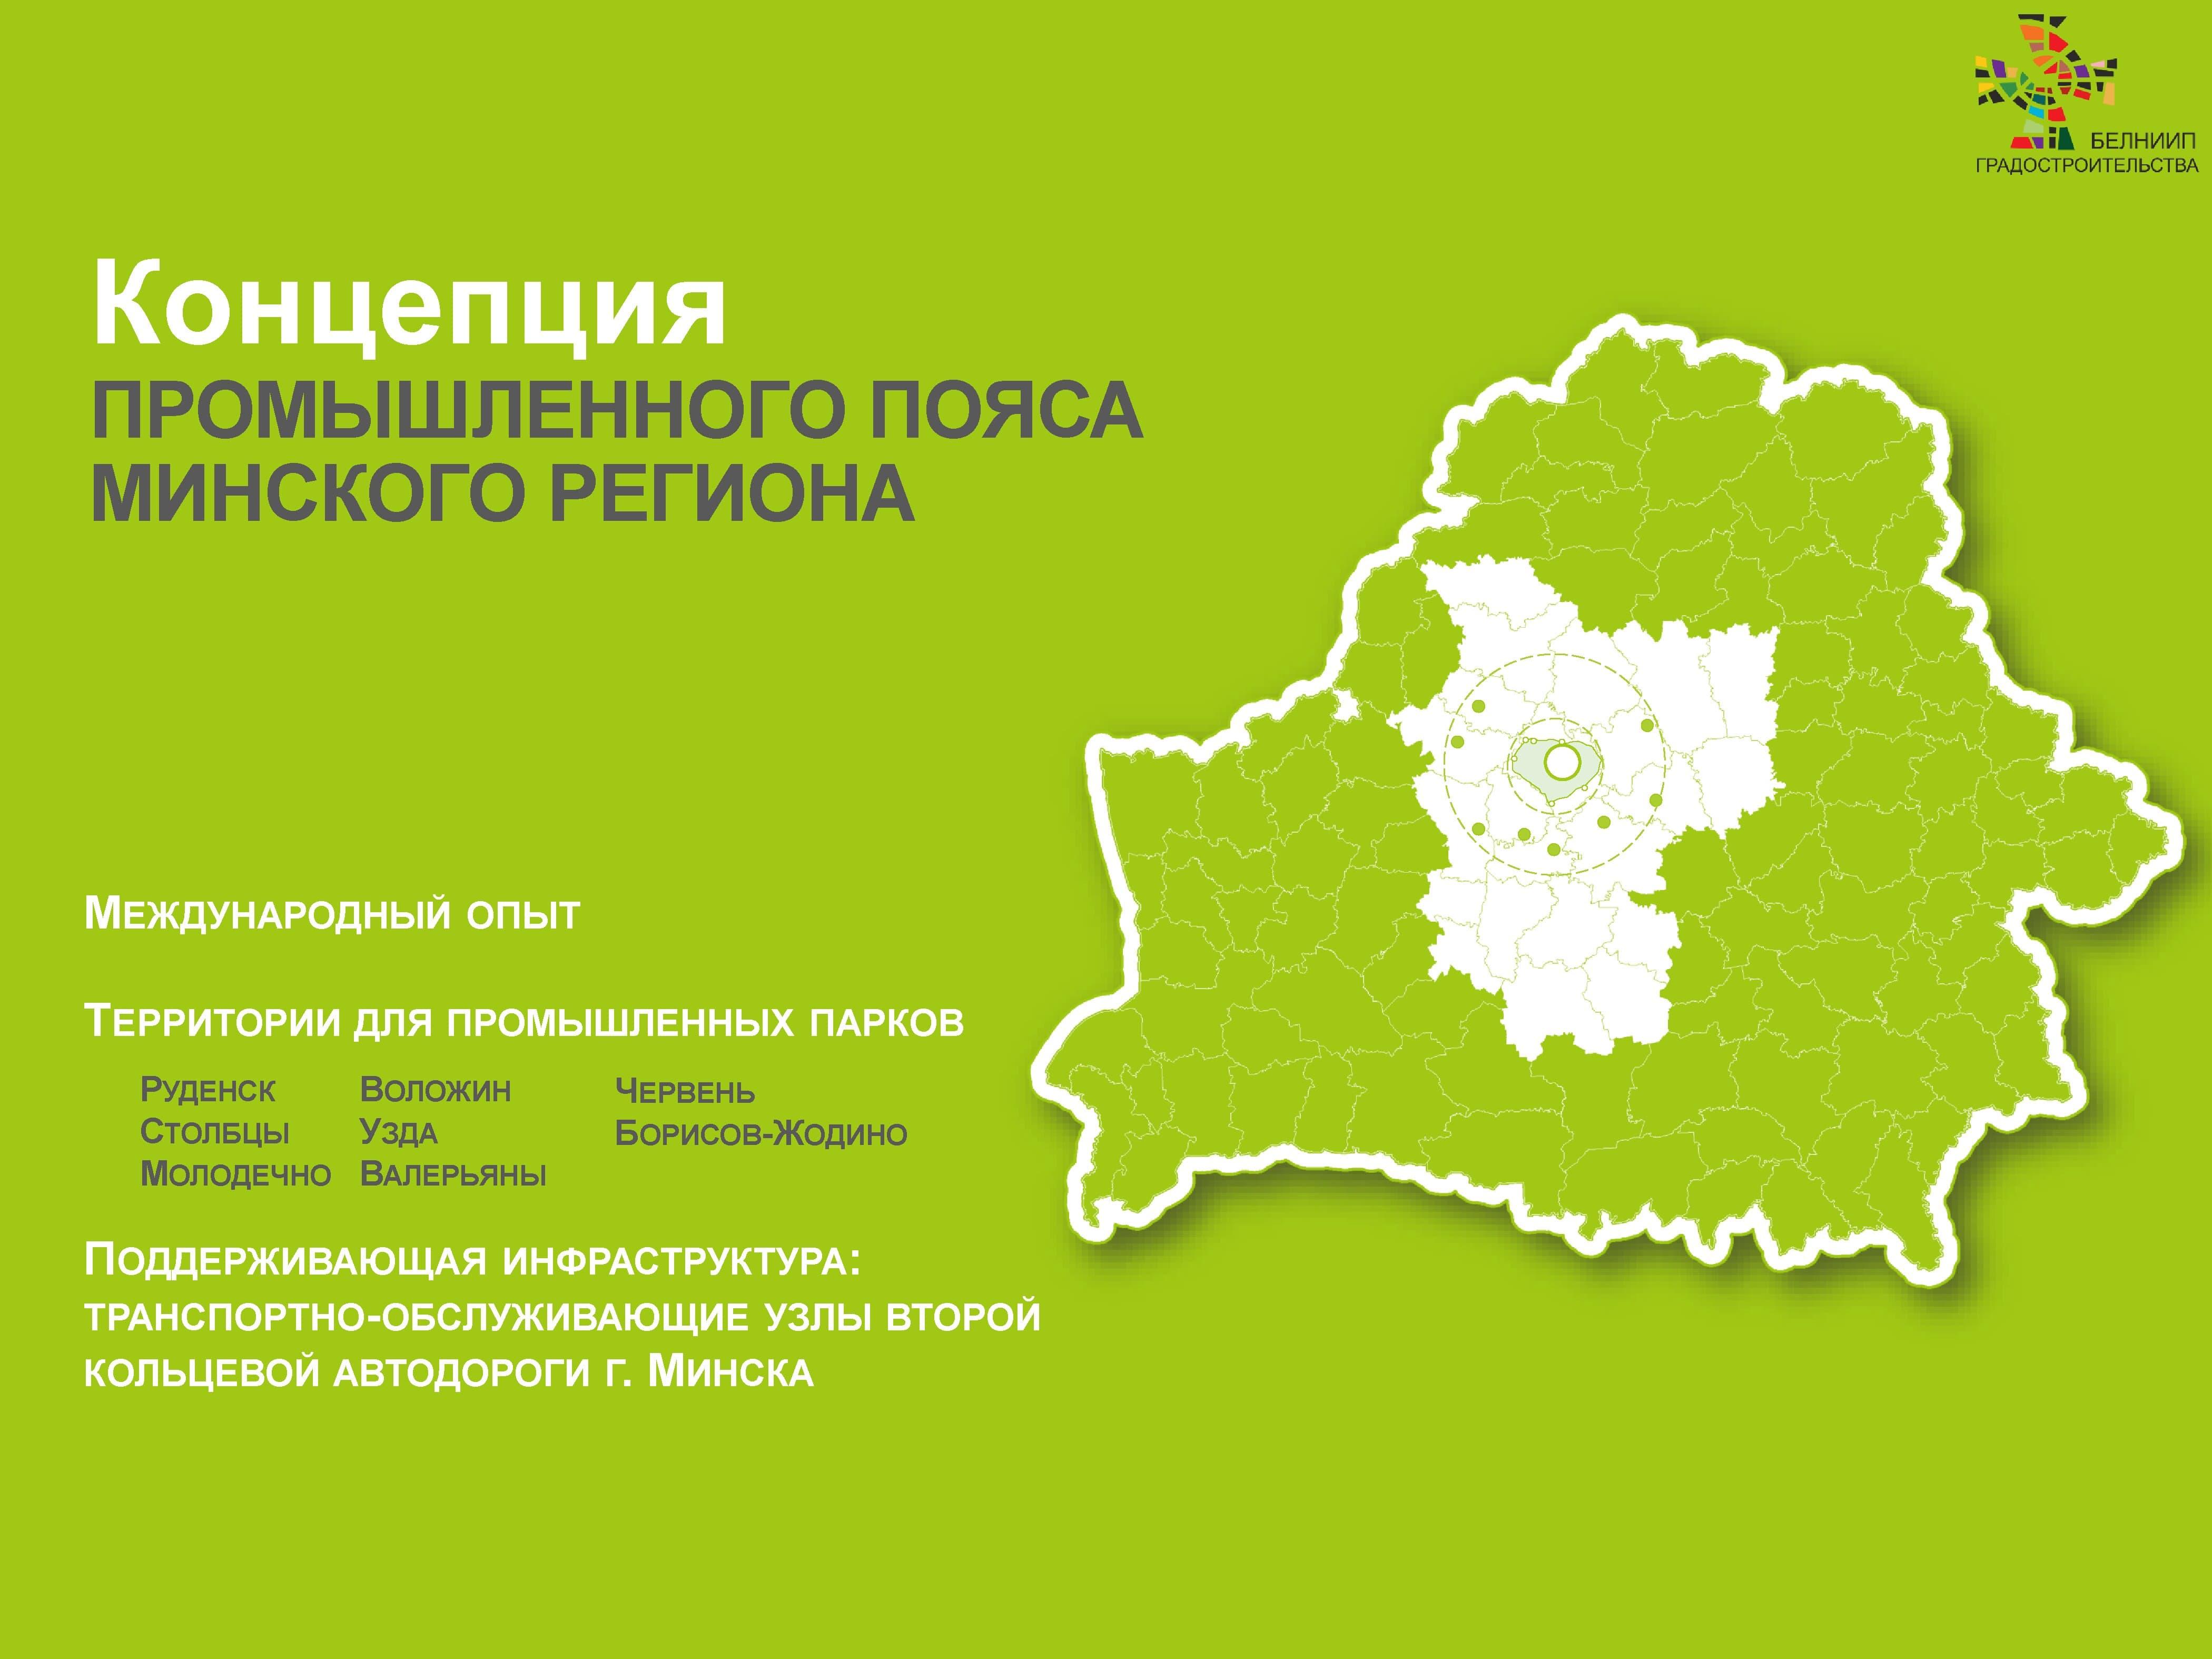 Концепция промышленного пояса Минского региона